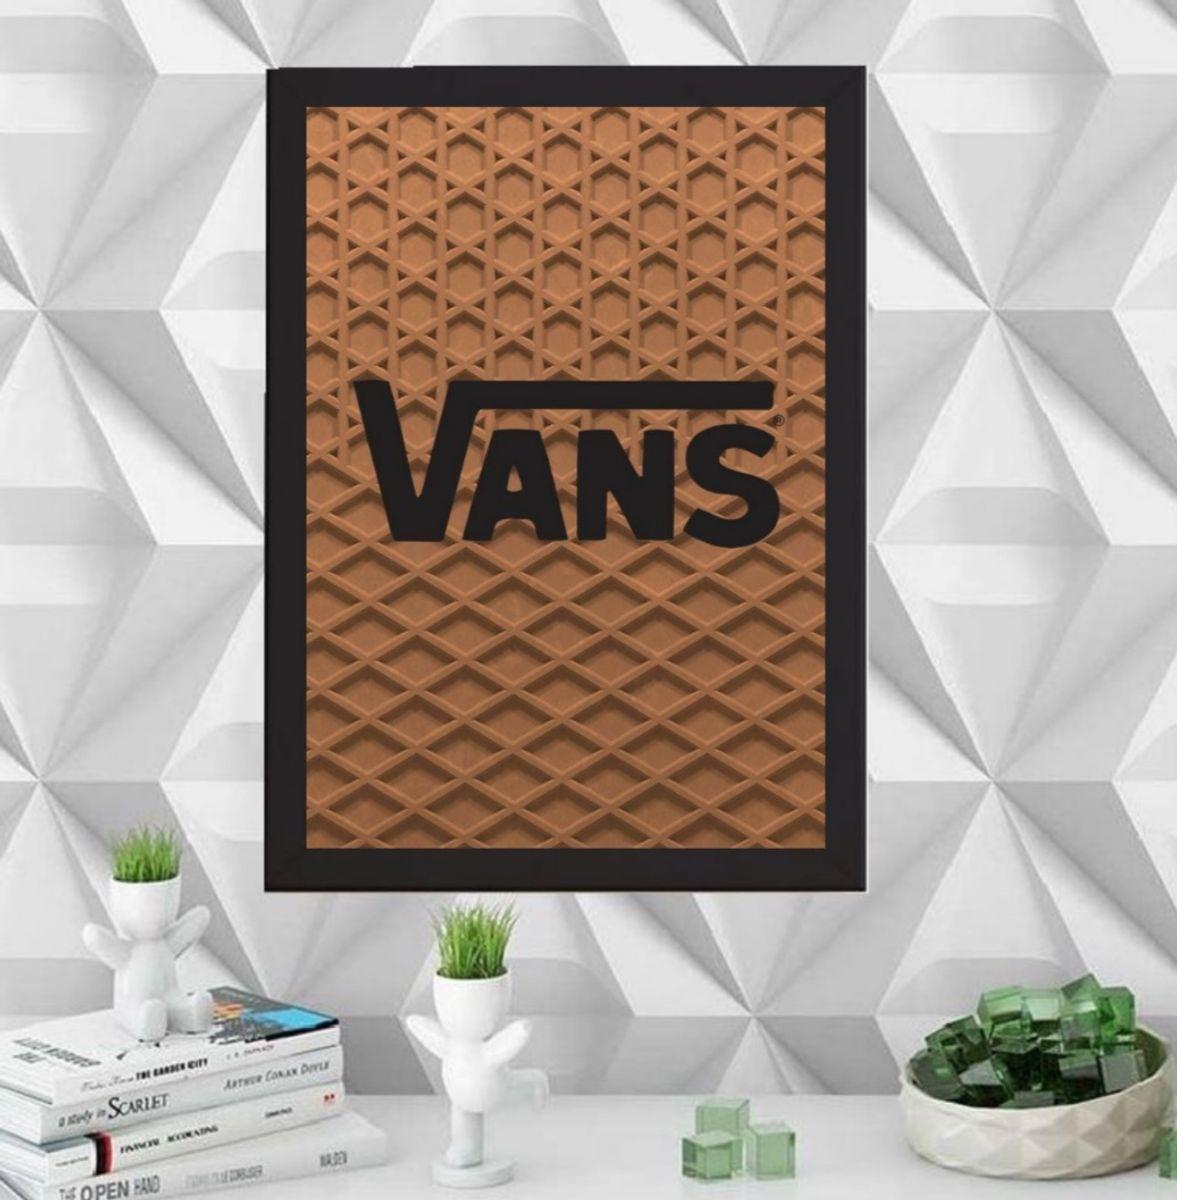 Quadro Vans A4 | Item de Decoração Art On Board Nunca Usado ...